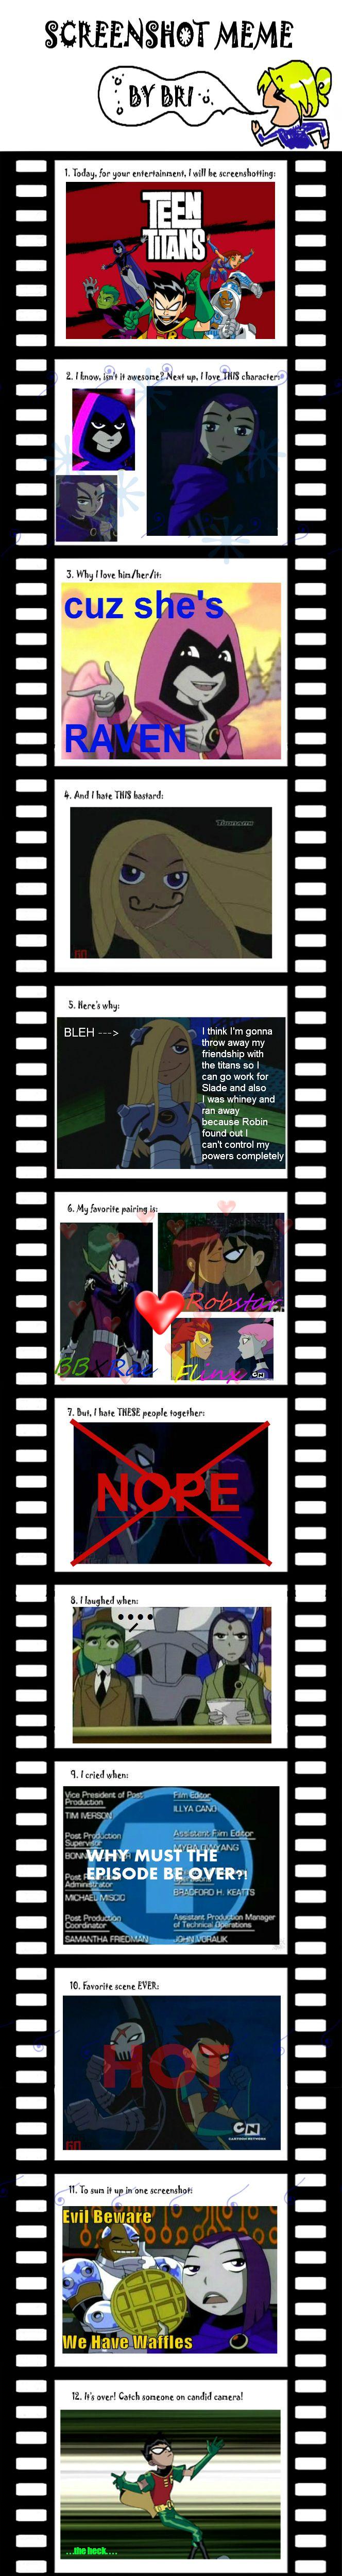 Teen Titans Screenshot meme :D by SierraFaith.deviantart.com on @DeviantArt